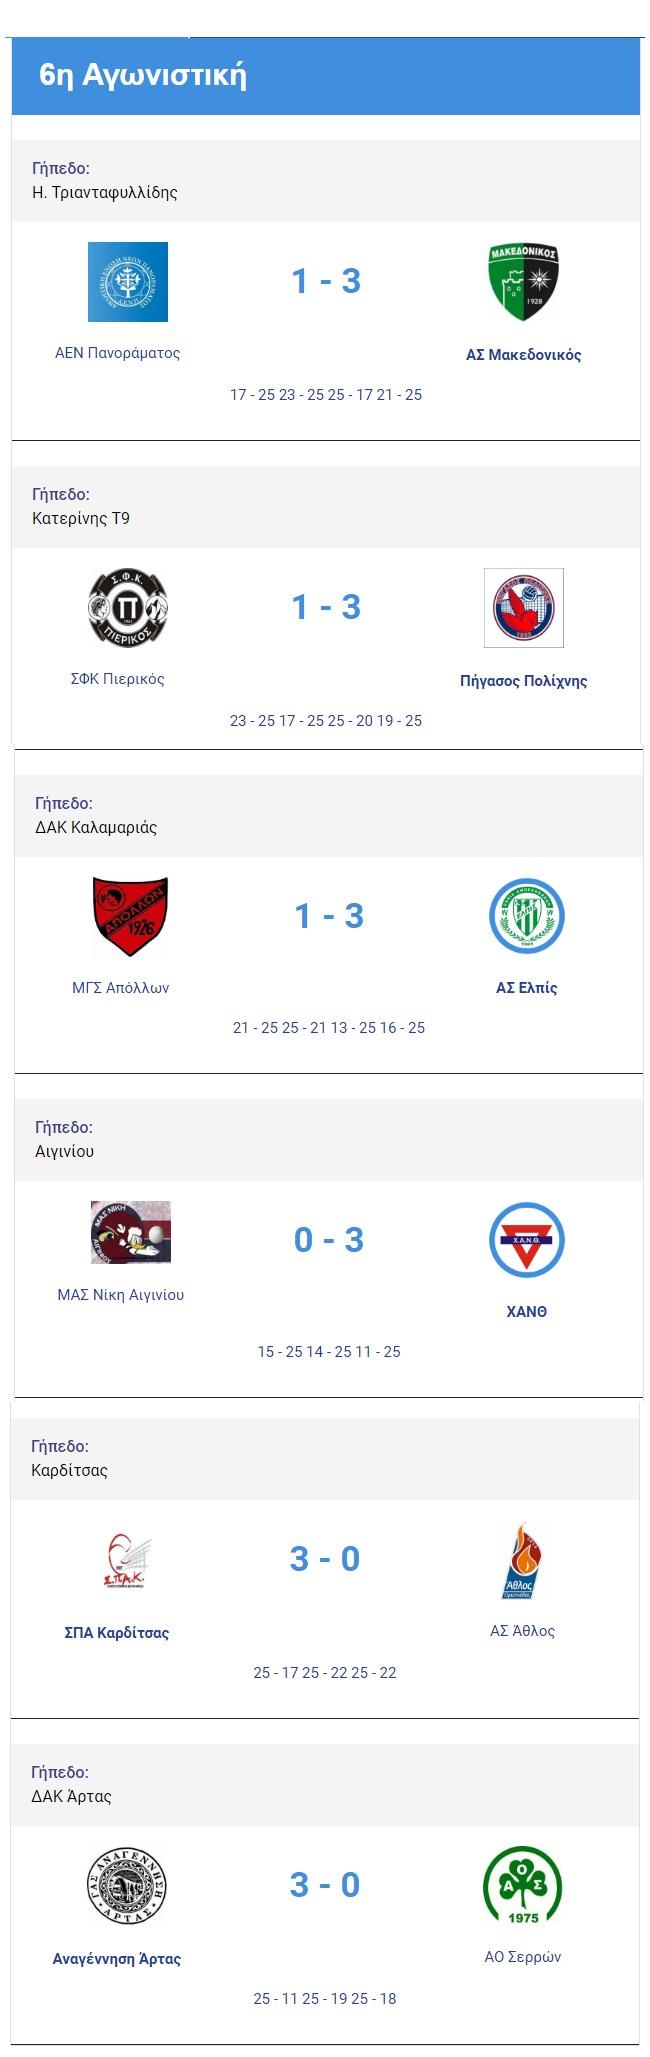 Αποτελέσματα και βαθμολογία της 6ης αγωνιστικής της Α2 Εθνικής κατηγορίας βόλεϊ ανδρών 2018-2019